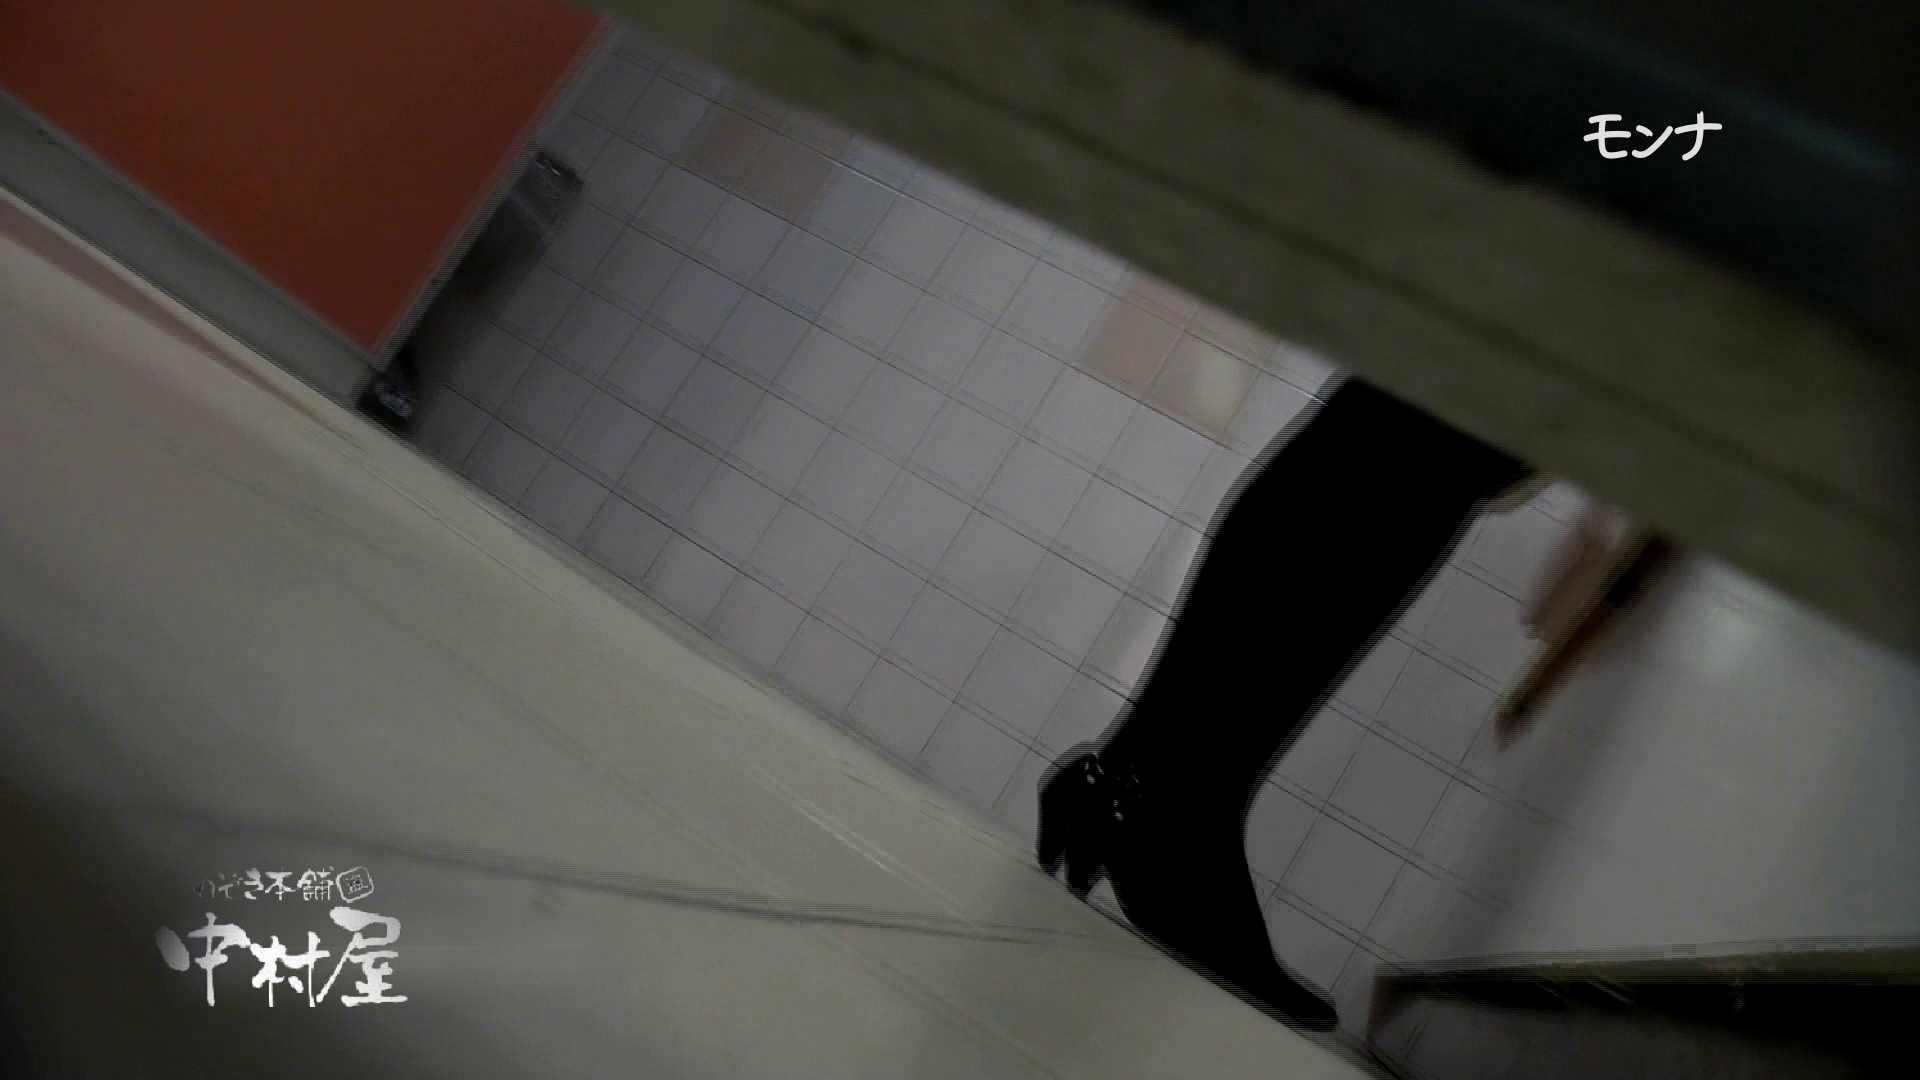 【美しい日本の未来】新学期!!下半身中心に攻めてます美女可愛い女子悪戯盗satuトイレ後編 美女まとめ | お姉さんの下半身  100PIX 25